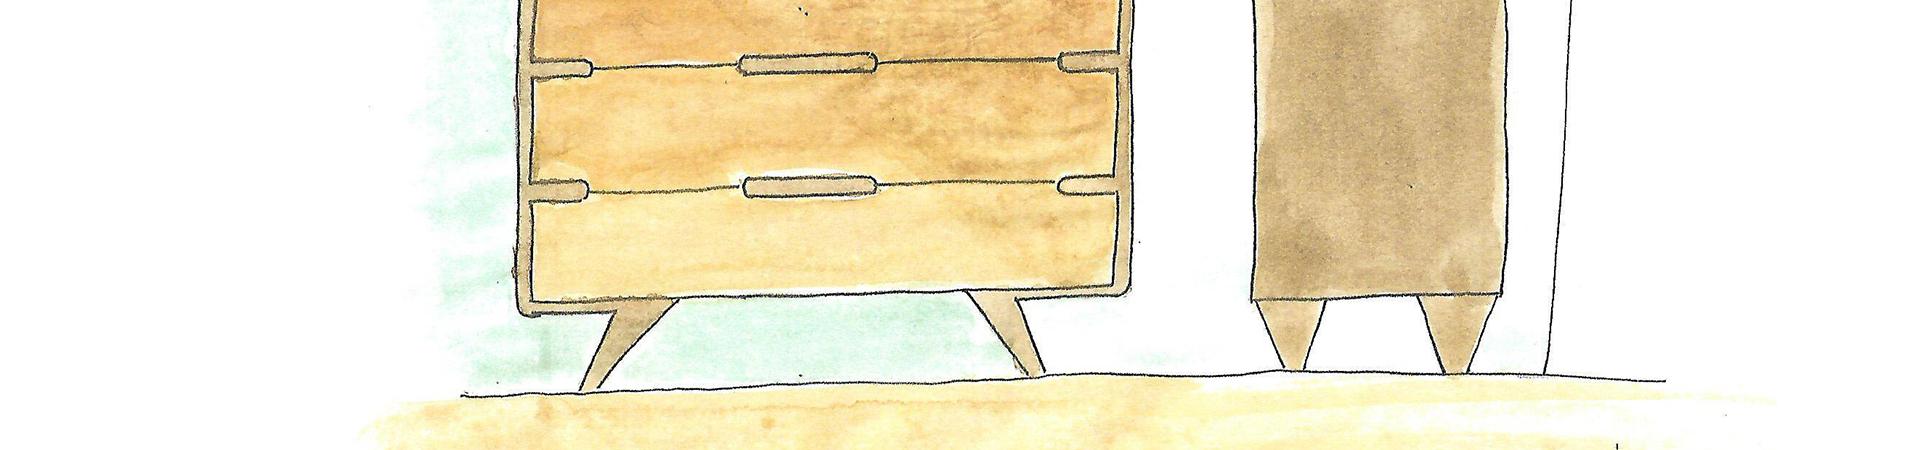 Banniere-detail-croquis4